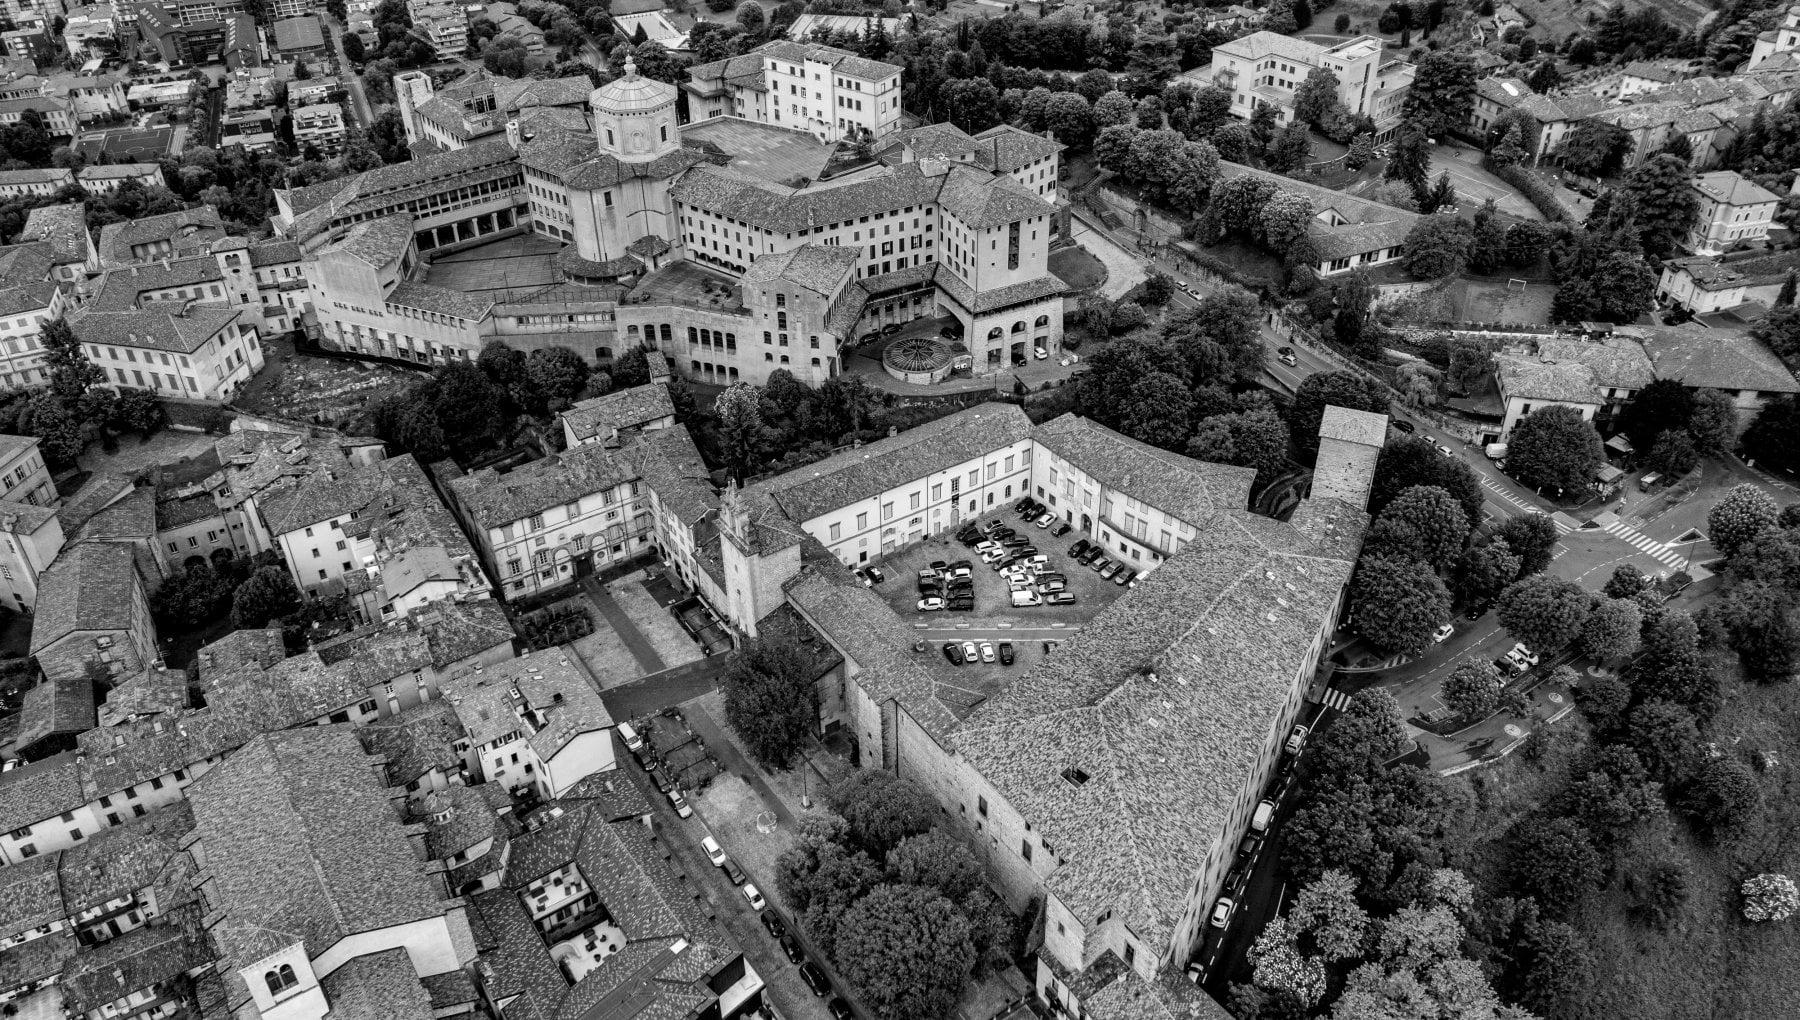 Le insolite visioni di Bergamo dall'alto: cento foto per scoprire gli scorci inediti della città